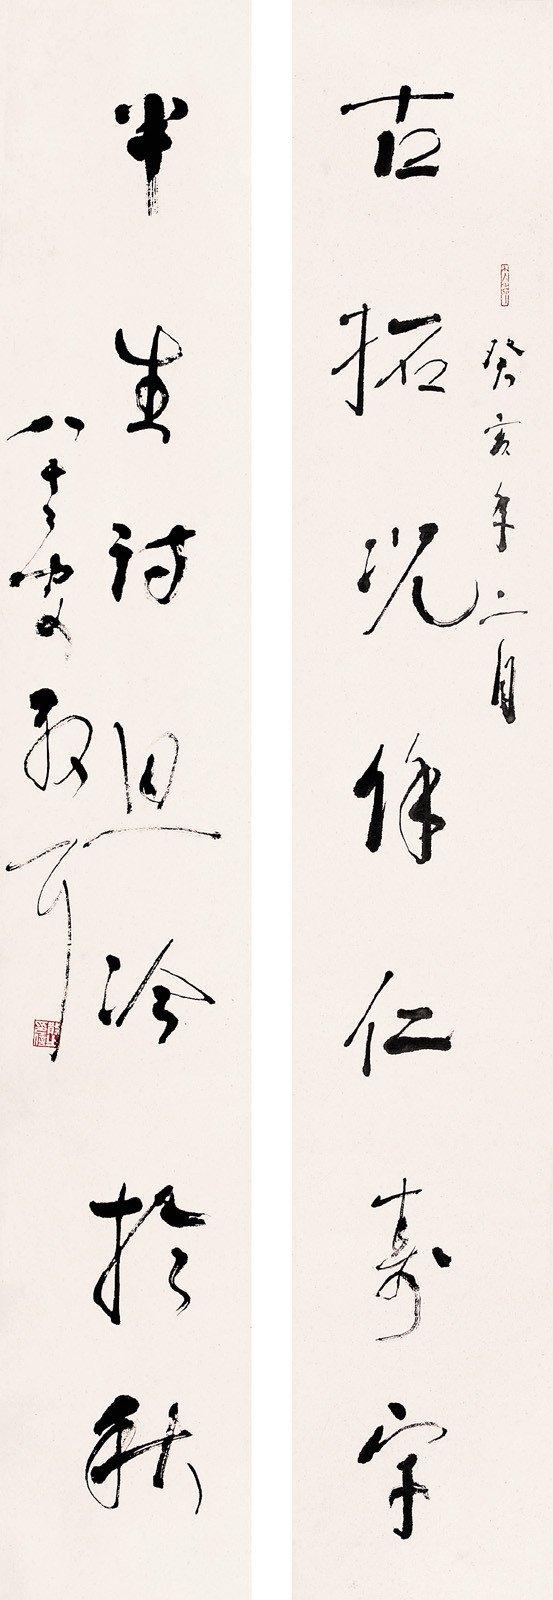 林散之书法作品欣赏_毛笔书法图片